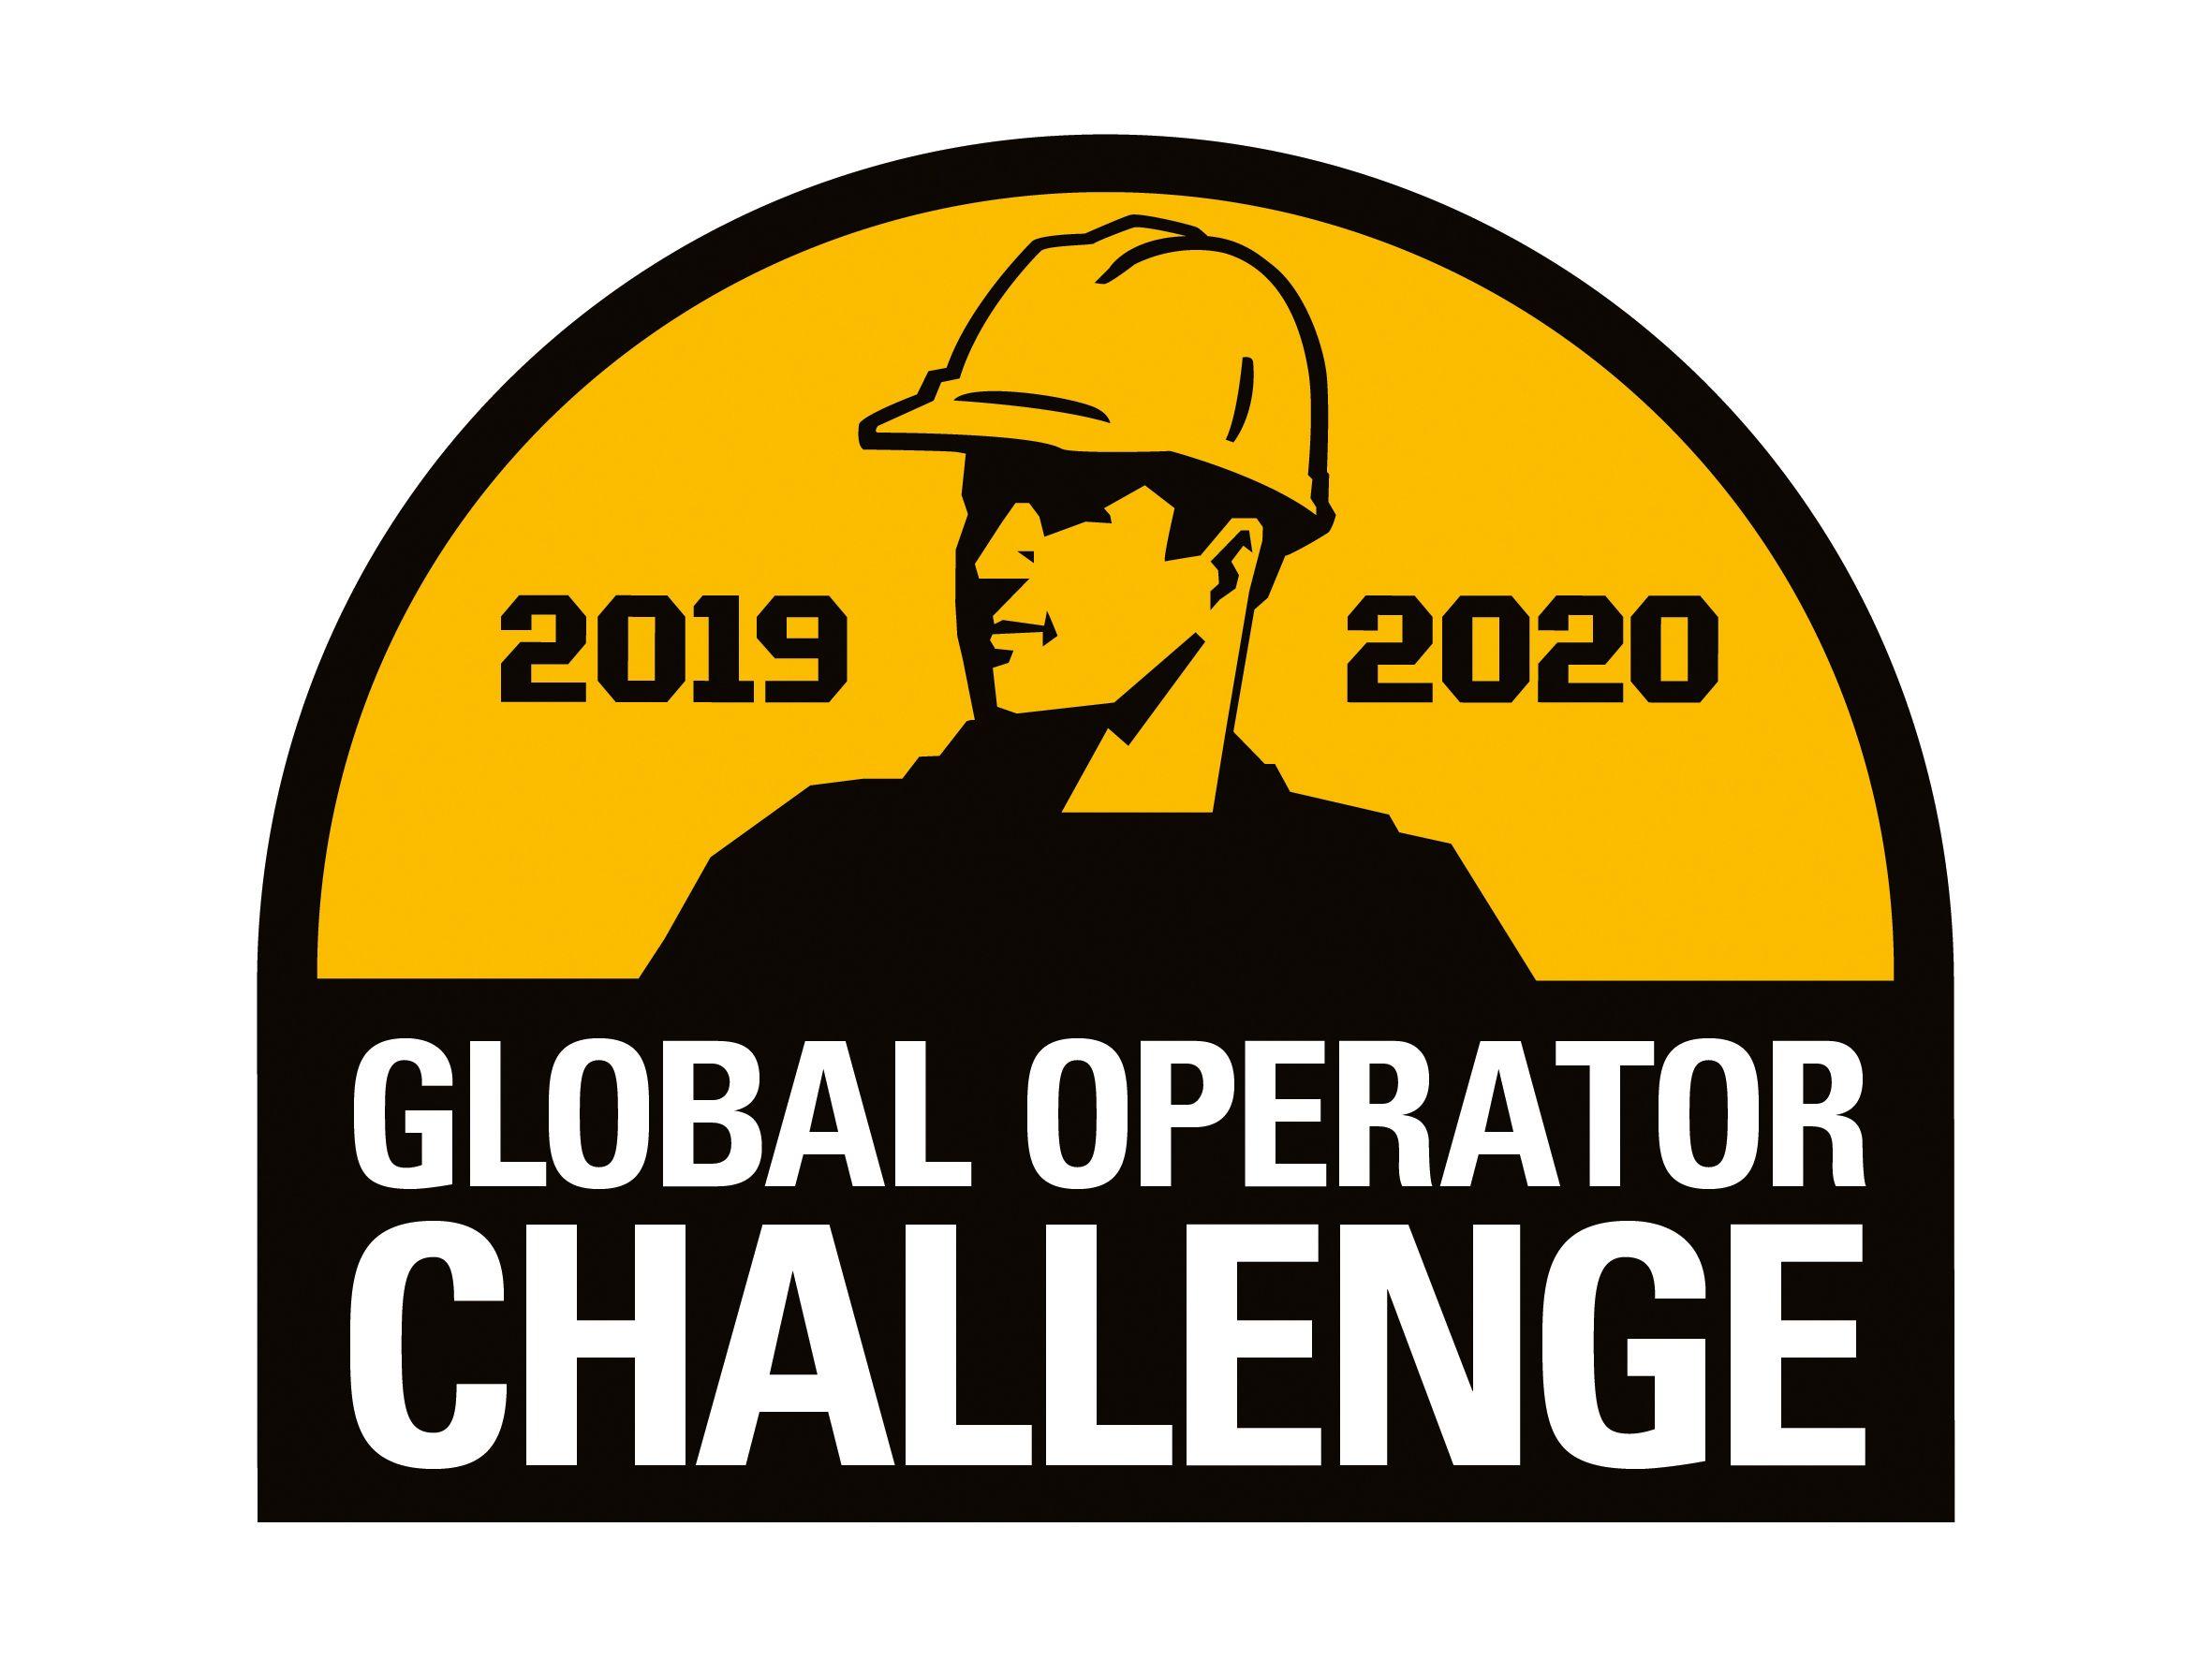 Global Operator Challenge von Caterpillar